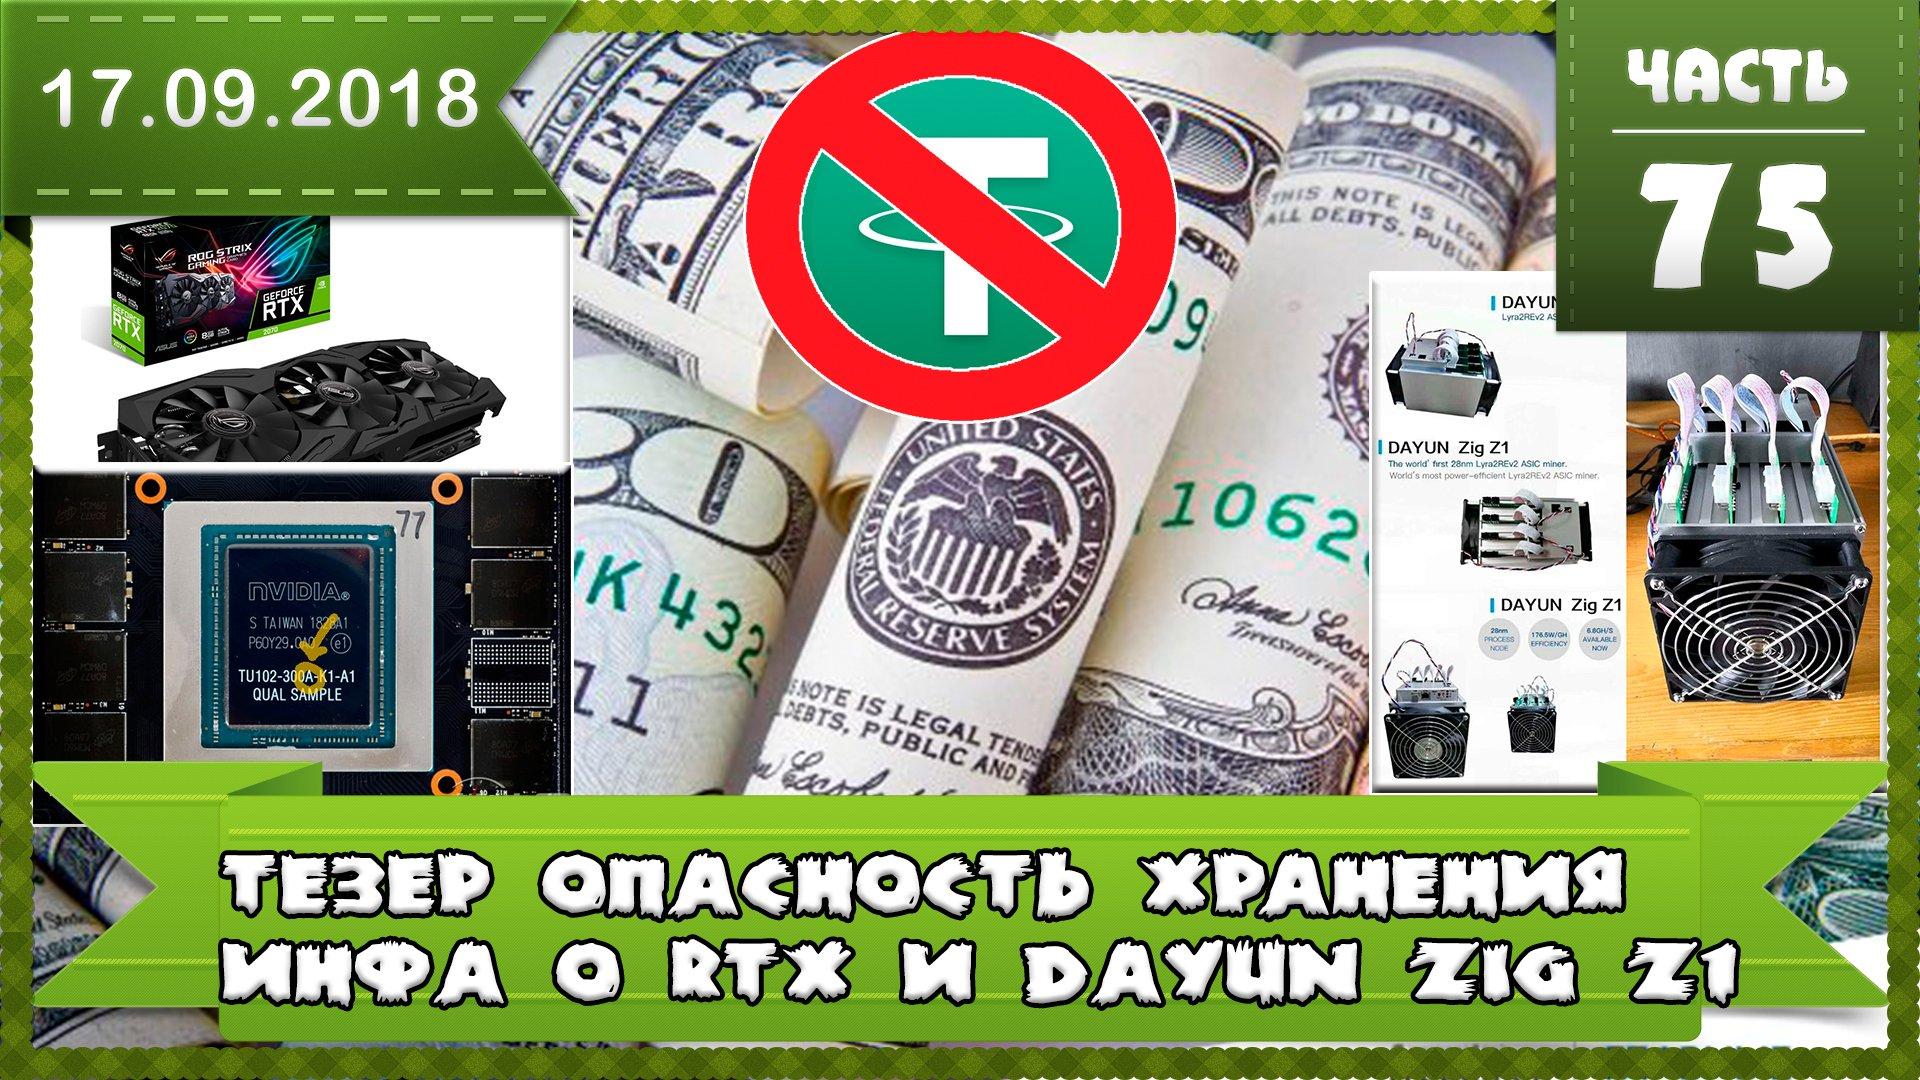 Немного о асик DAYUN Zig Z1 и видеокартах RTX 20 серии АнтиТезер очередные отказы от Tether (USDT)